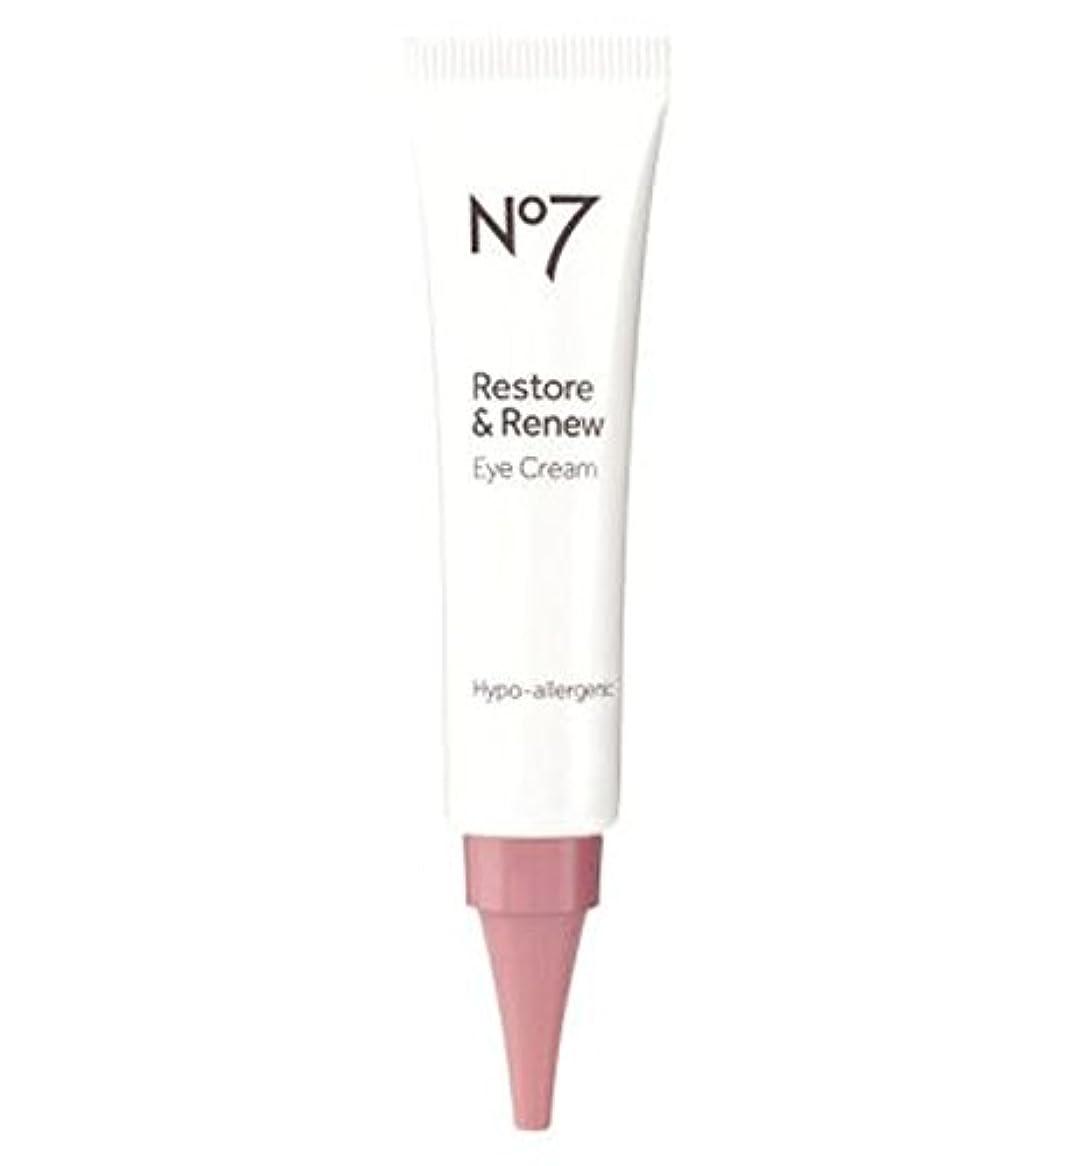 行簡略化する保有者No7復元&アイクリームを更新 (No7) (x2) - No7 Restore & Renew Eye Cream (Pack of 2) [並行輸入品]